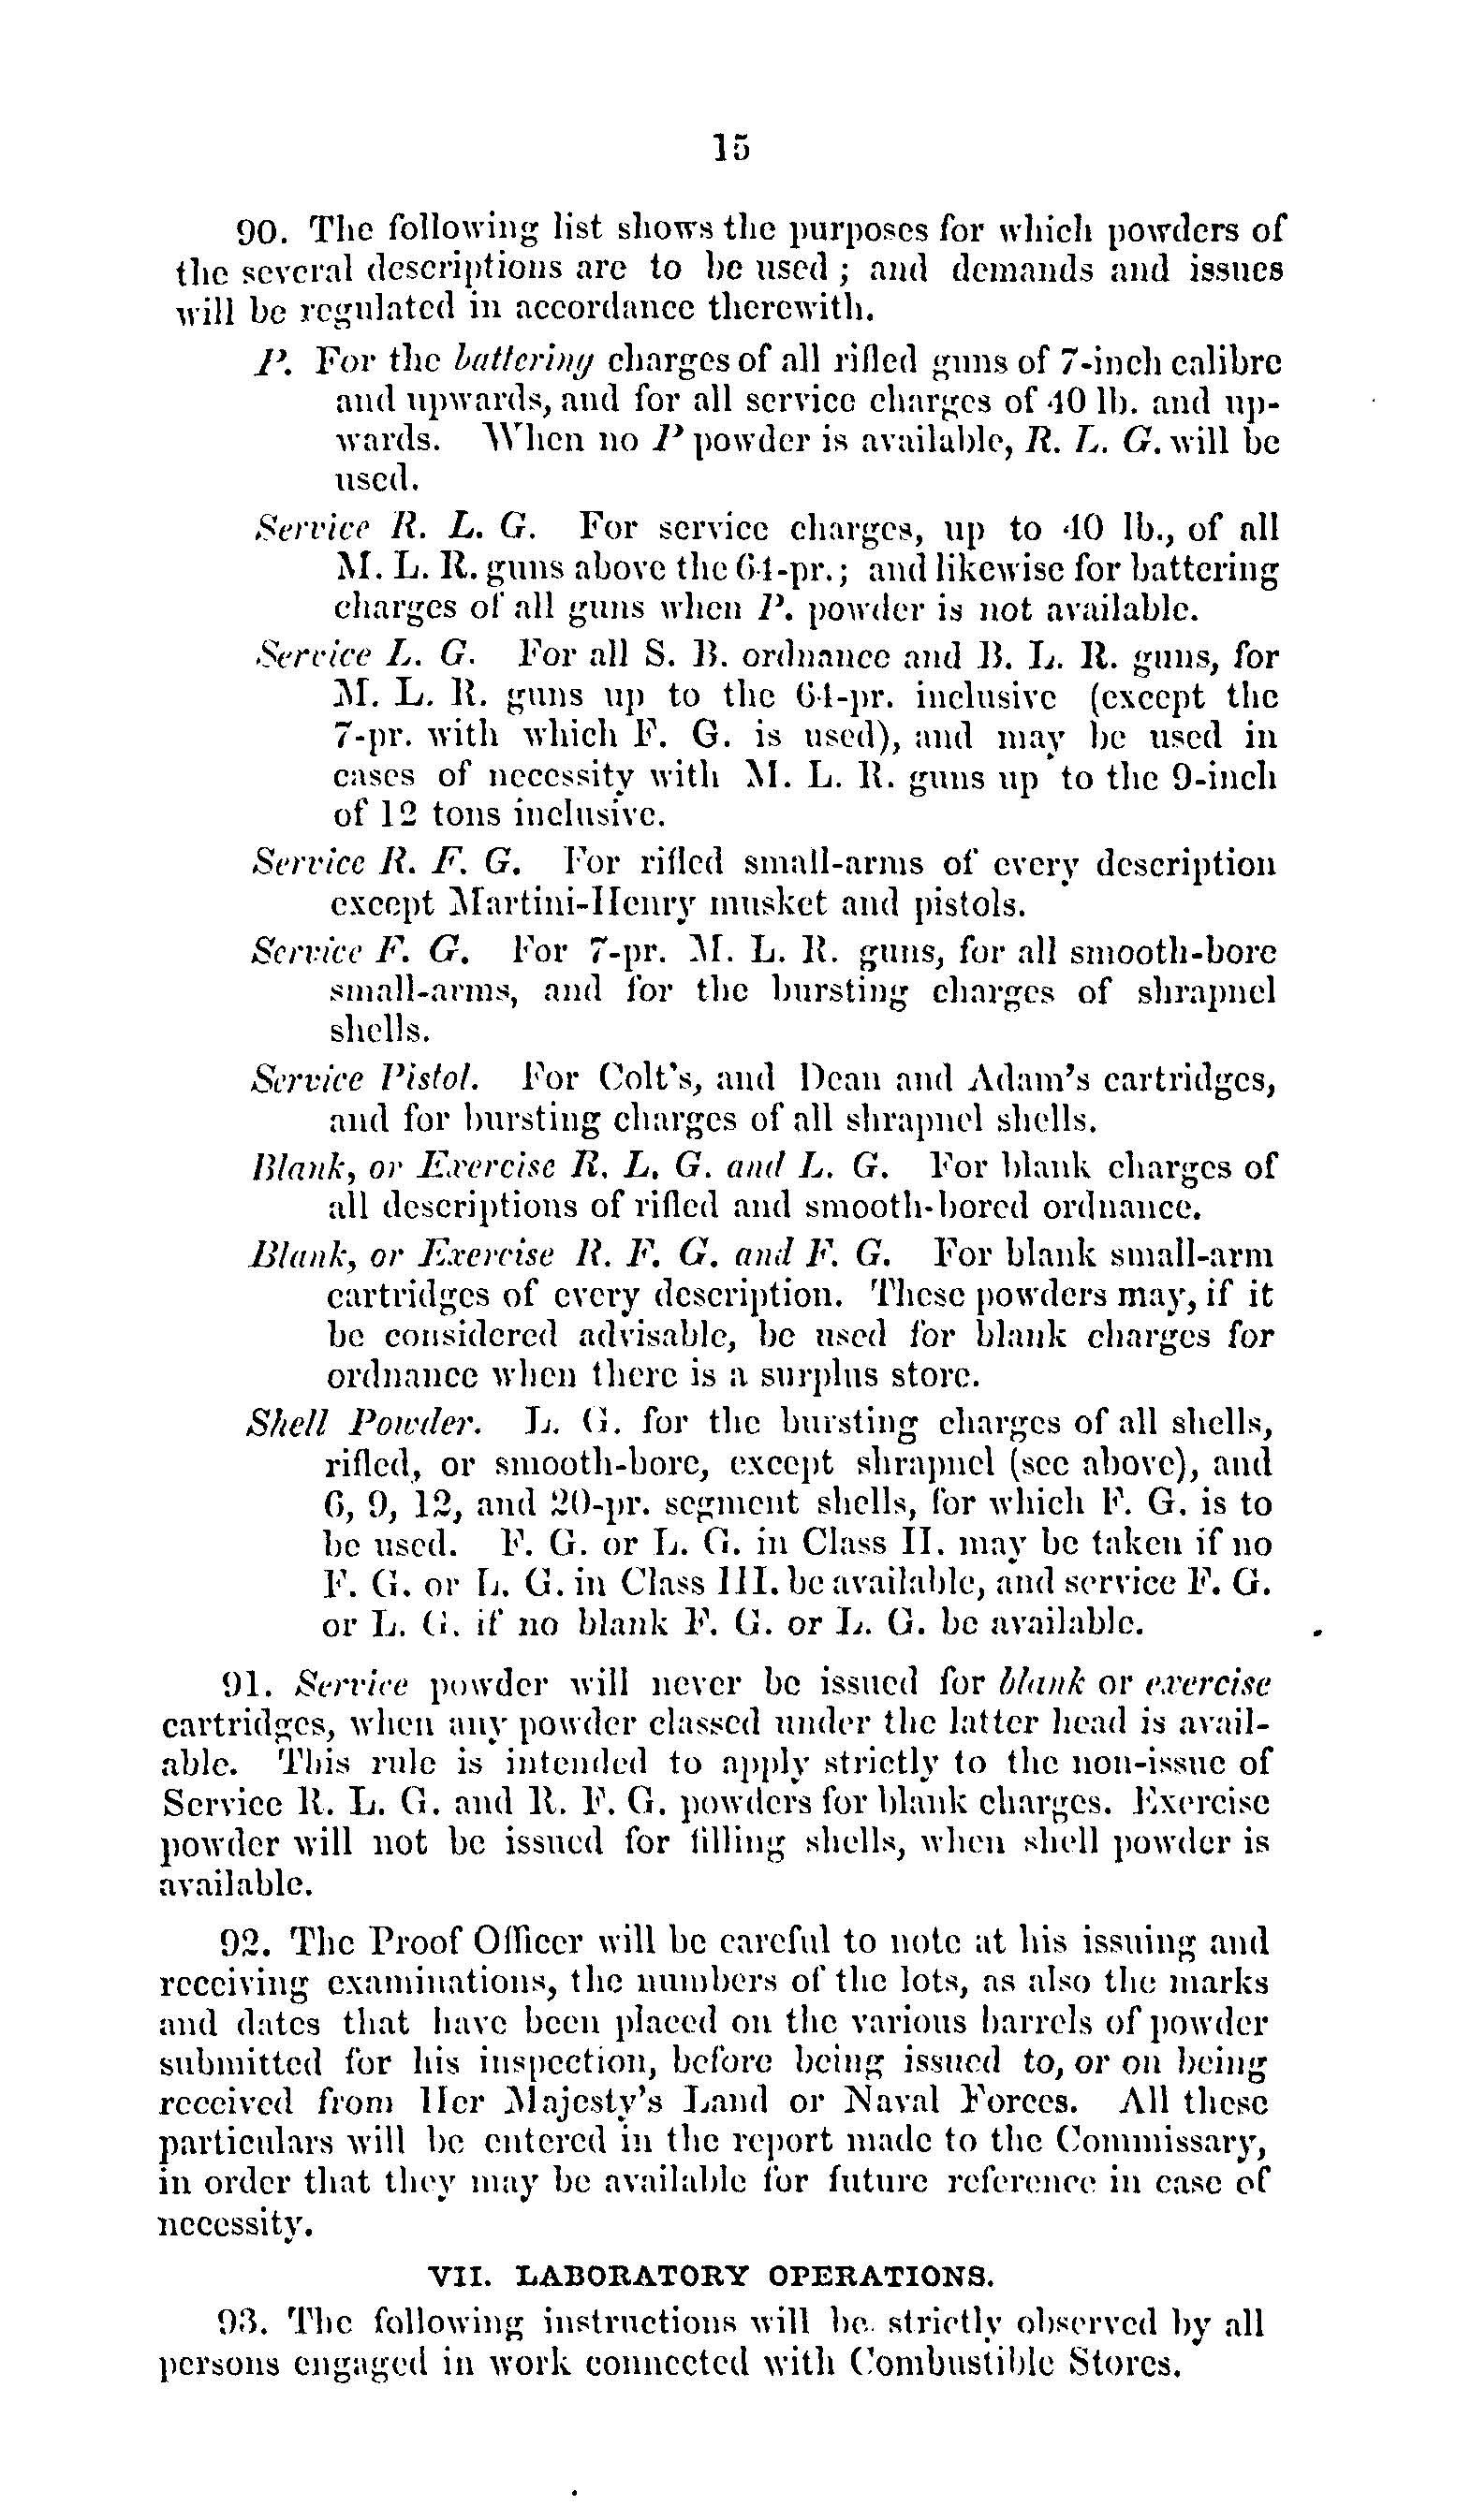 gunpowder regs_Page_15